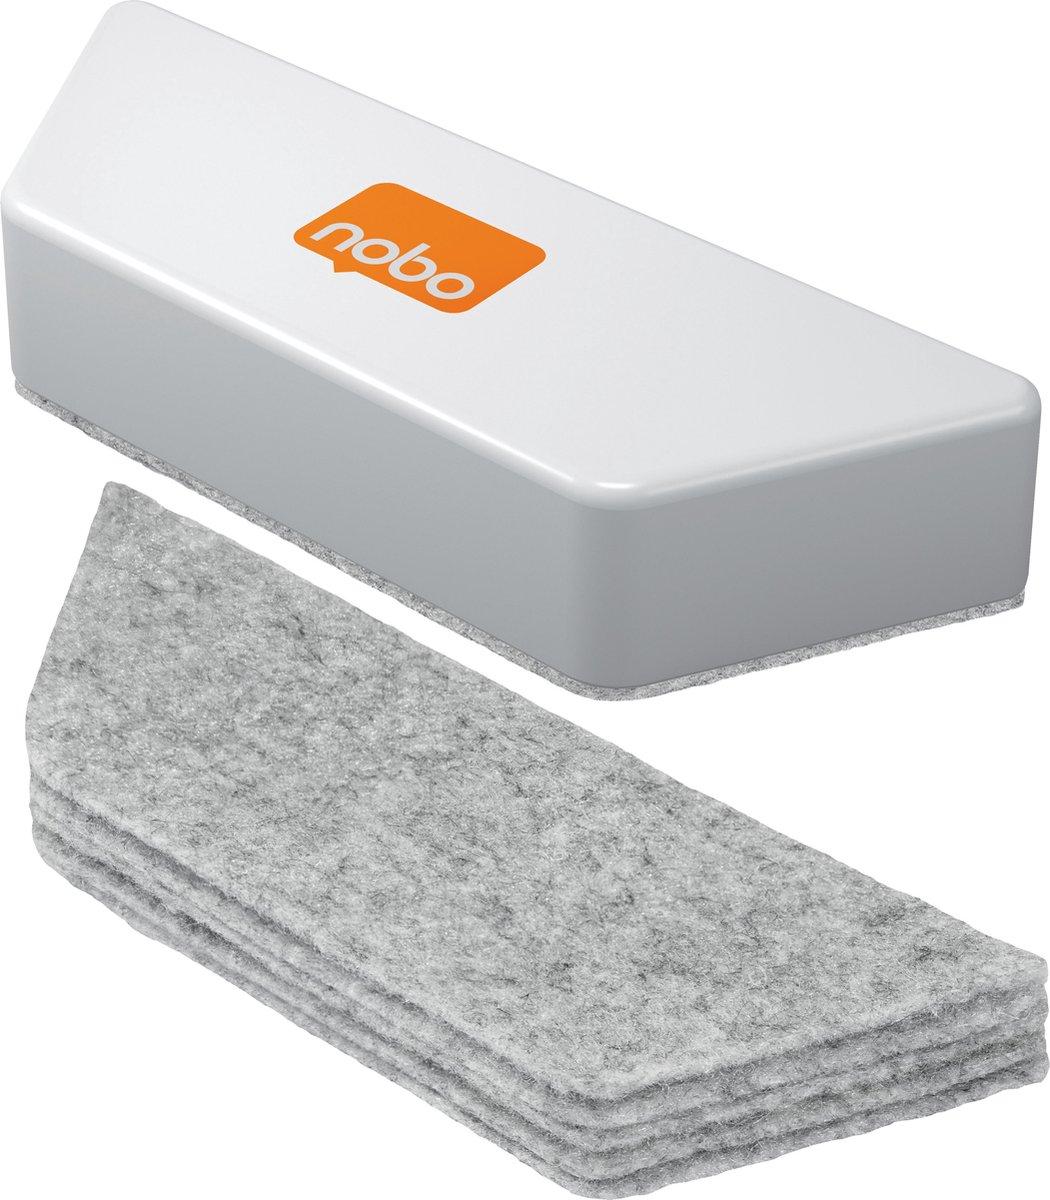 Nobo Whiteboard Eraser Refills (10)